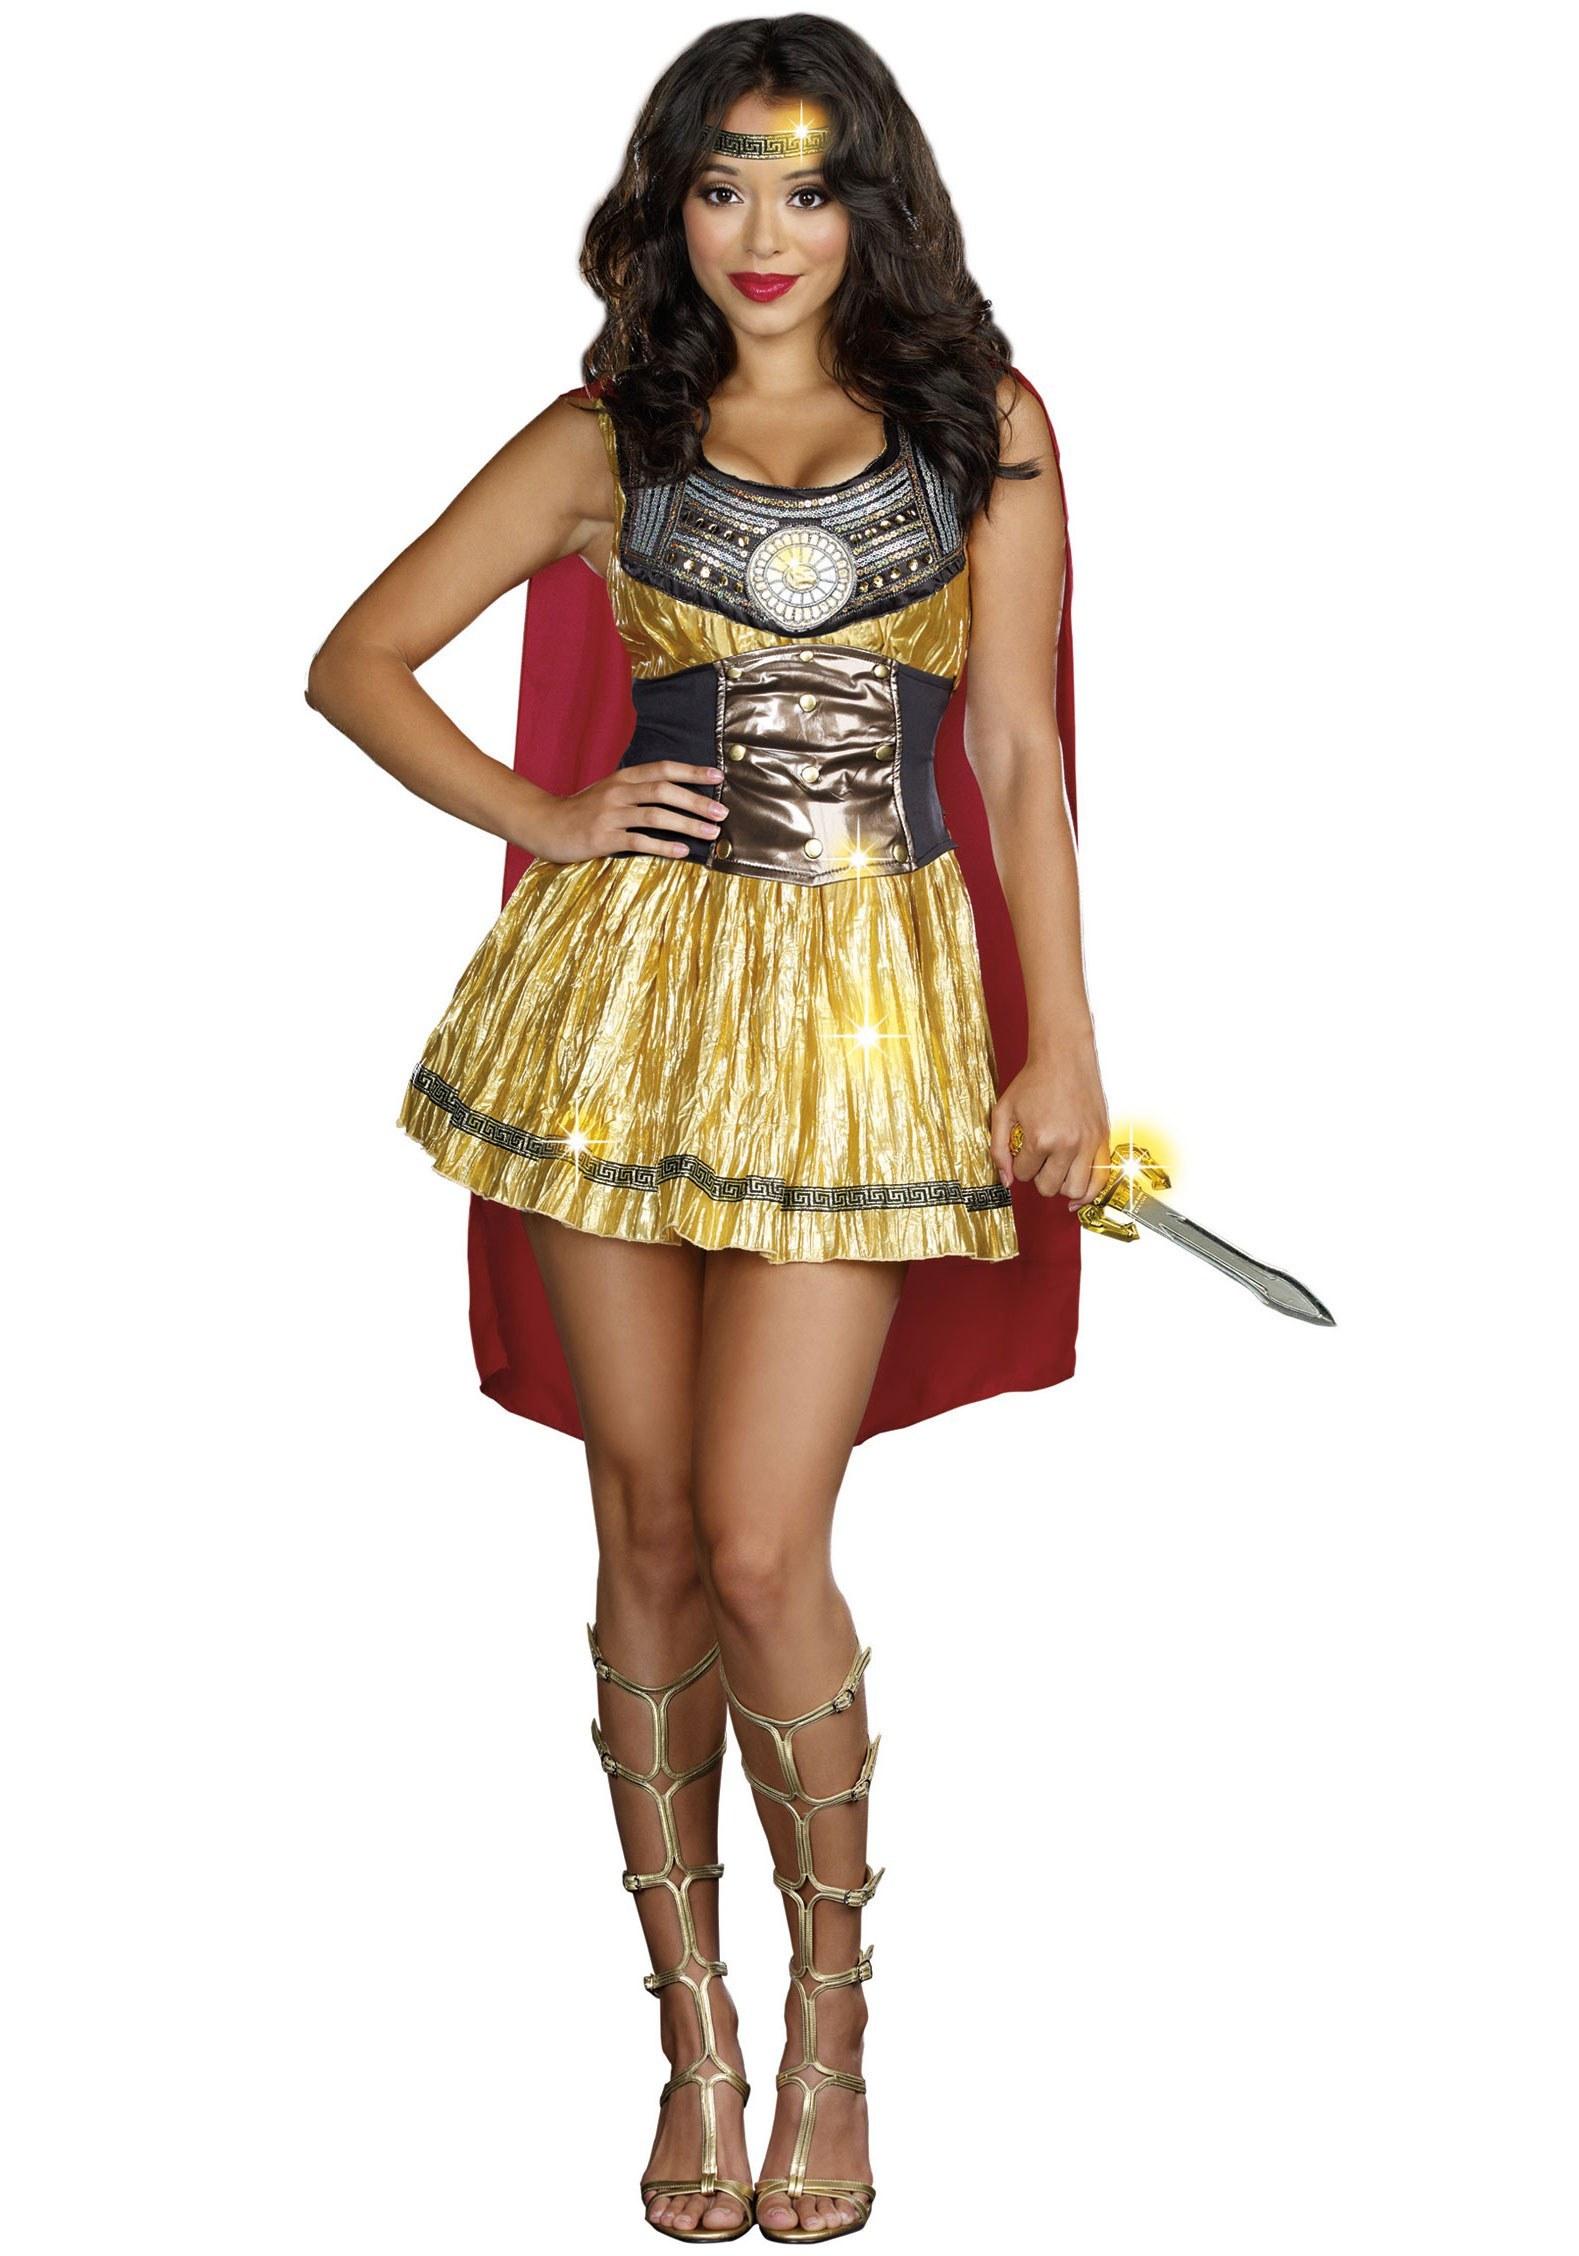 Ladies Golden Gladiator Costume